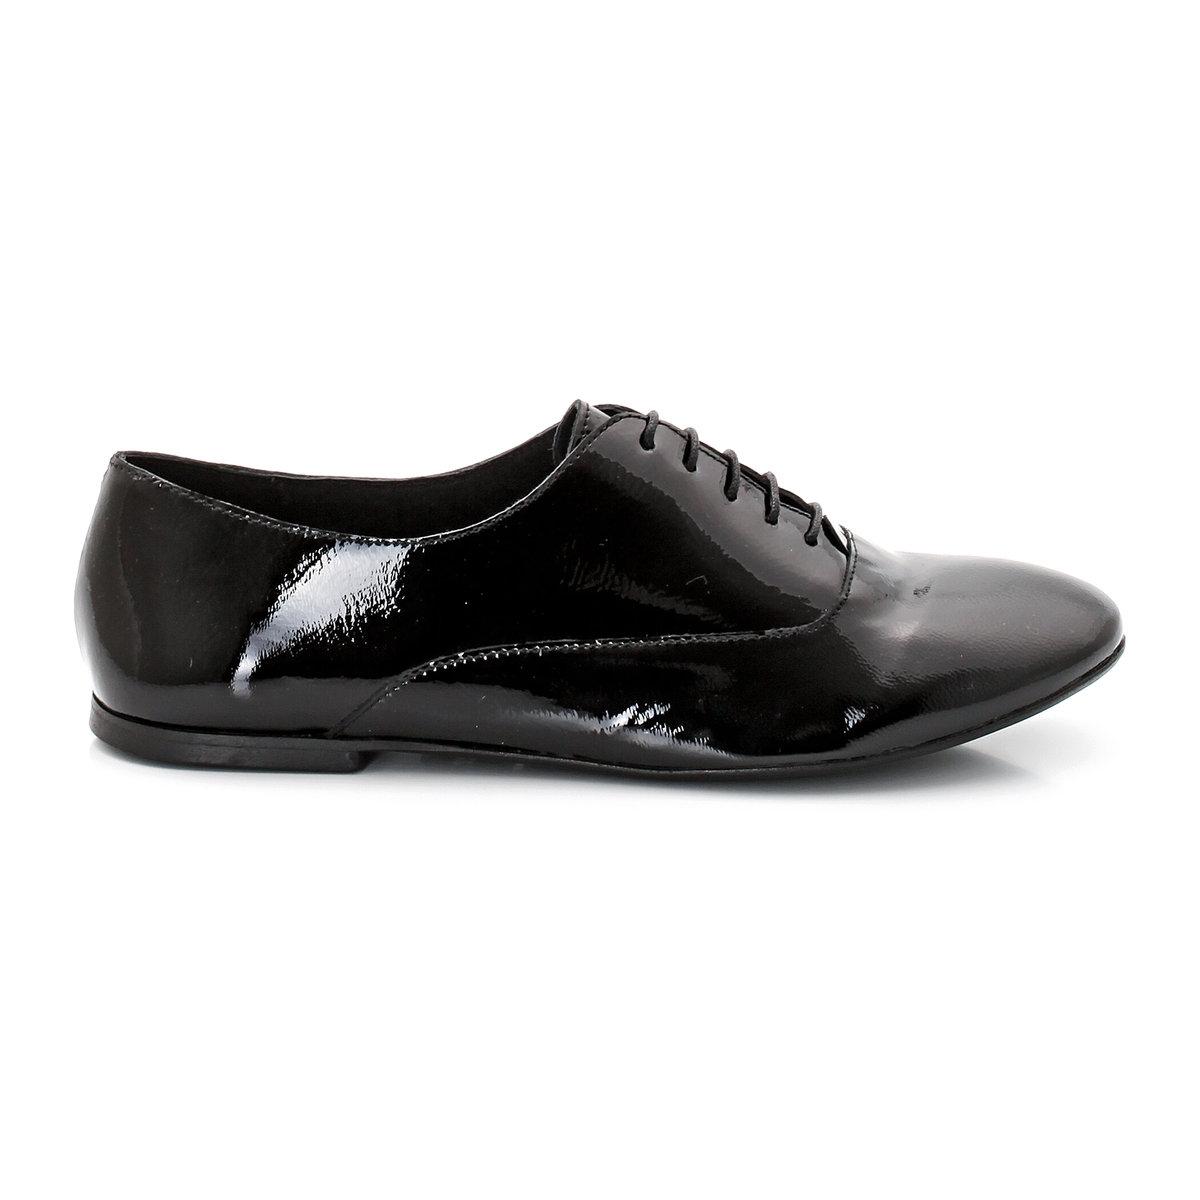 Ботинки-дерби из лакированной кожи ботинки дерби под кожу питона